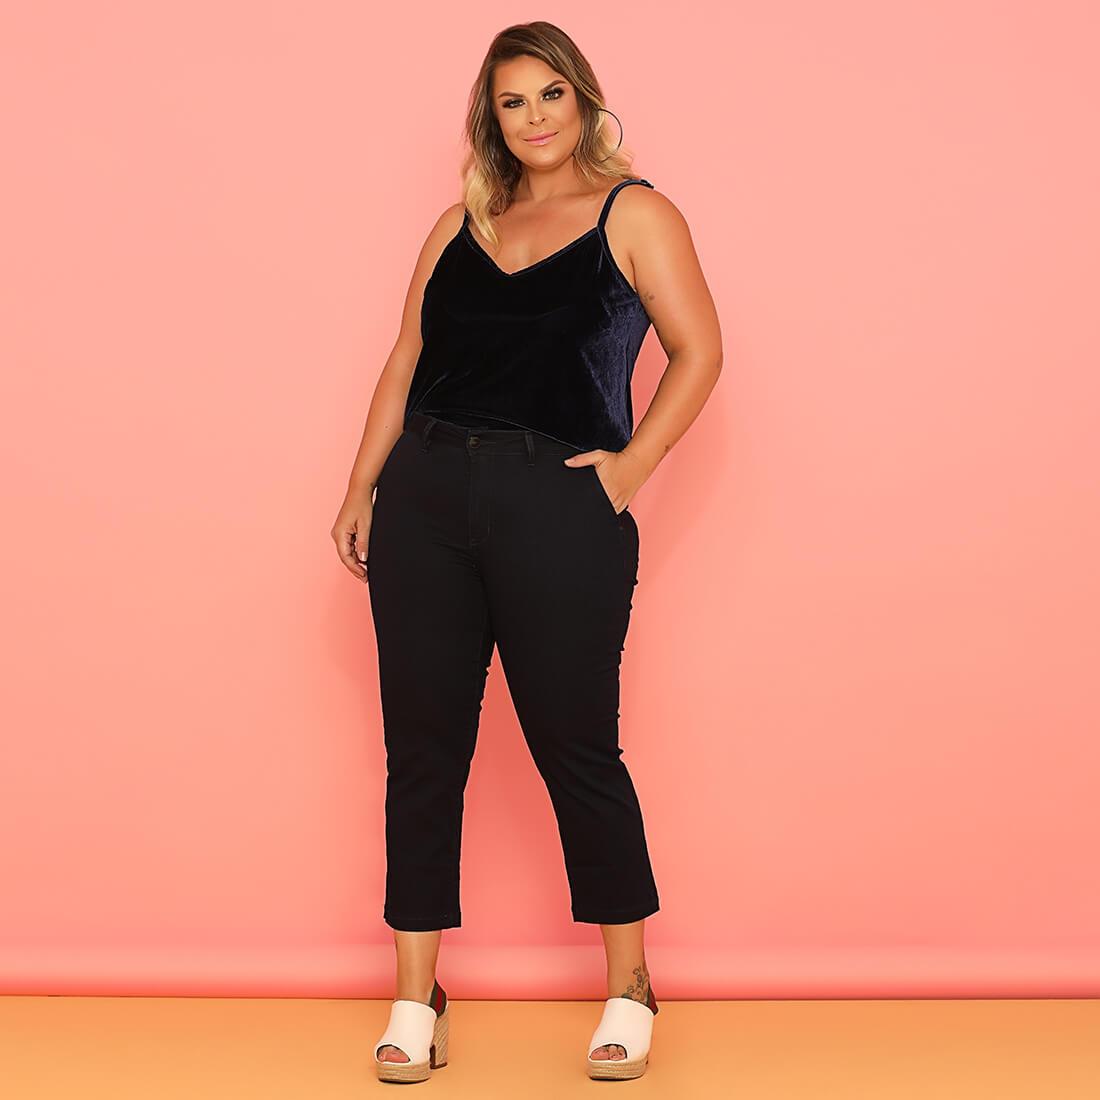 Calça Capri Sarja Fact Jeans ref. 03623 - Plus Size